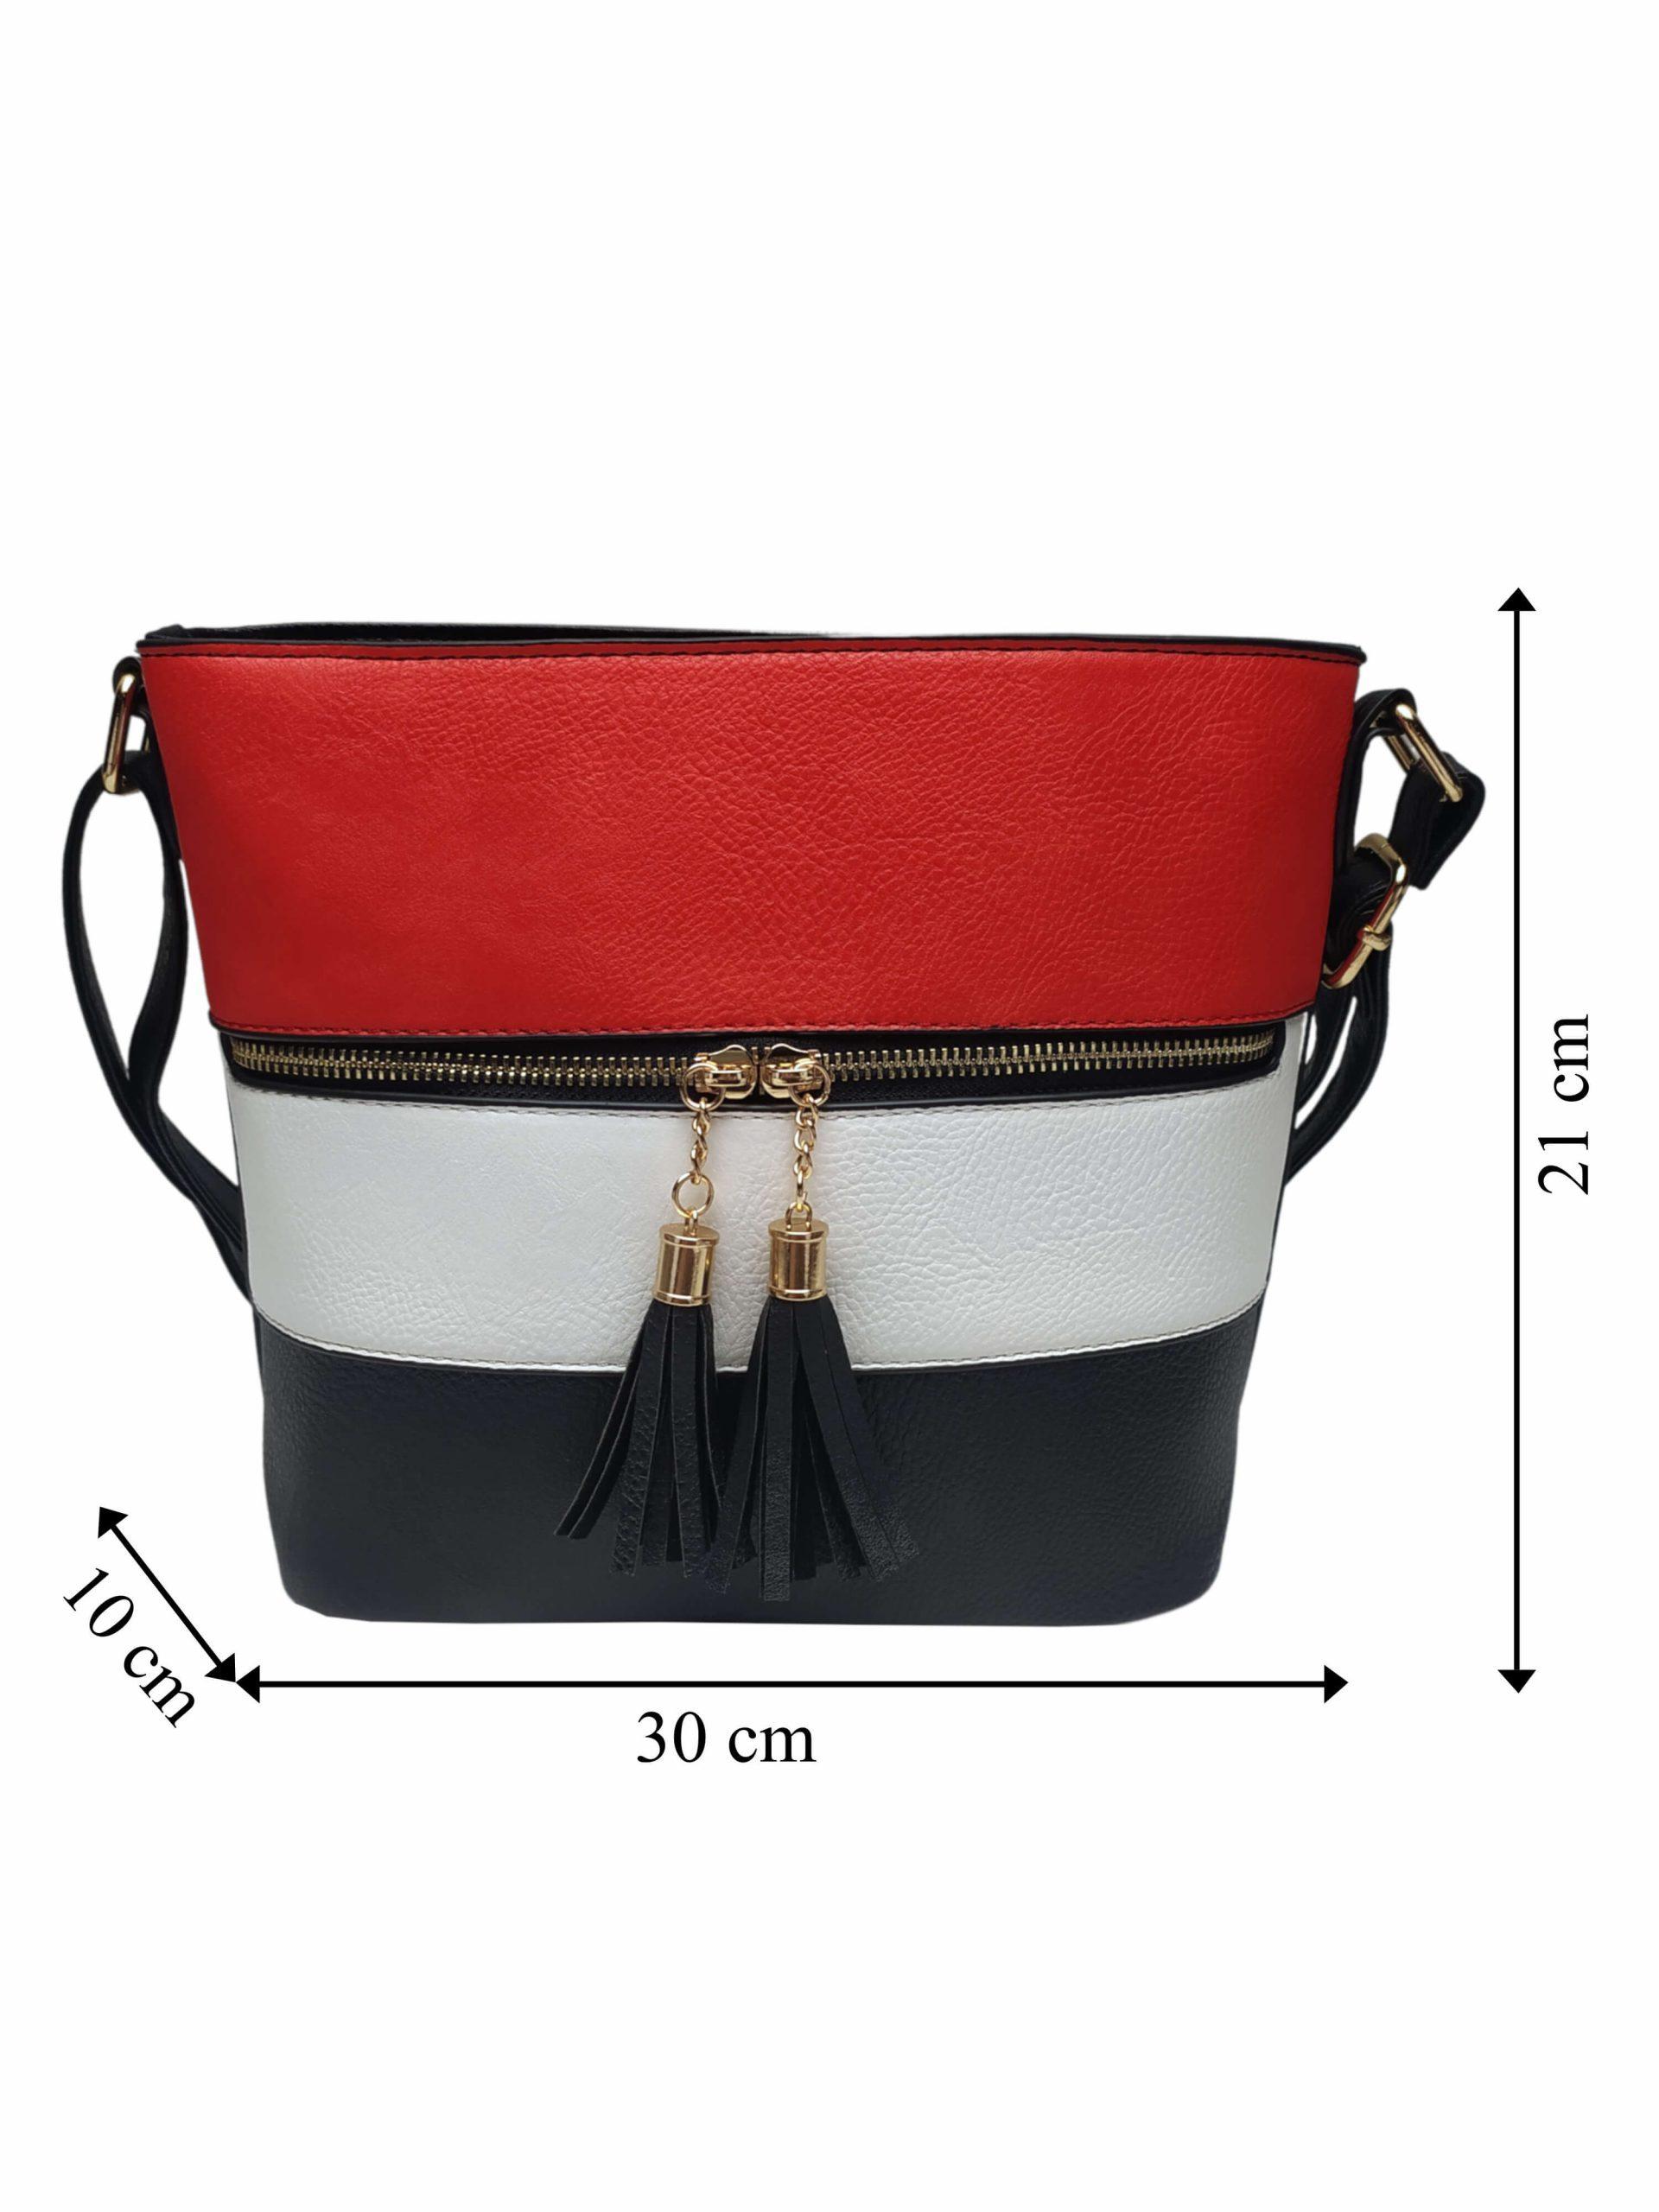 Černo-bílo-červená crossbody kabelka s třásněmi, Sara Moda, 8157, přední strana crossbody kabelky s rozměry